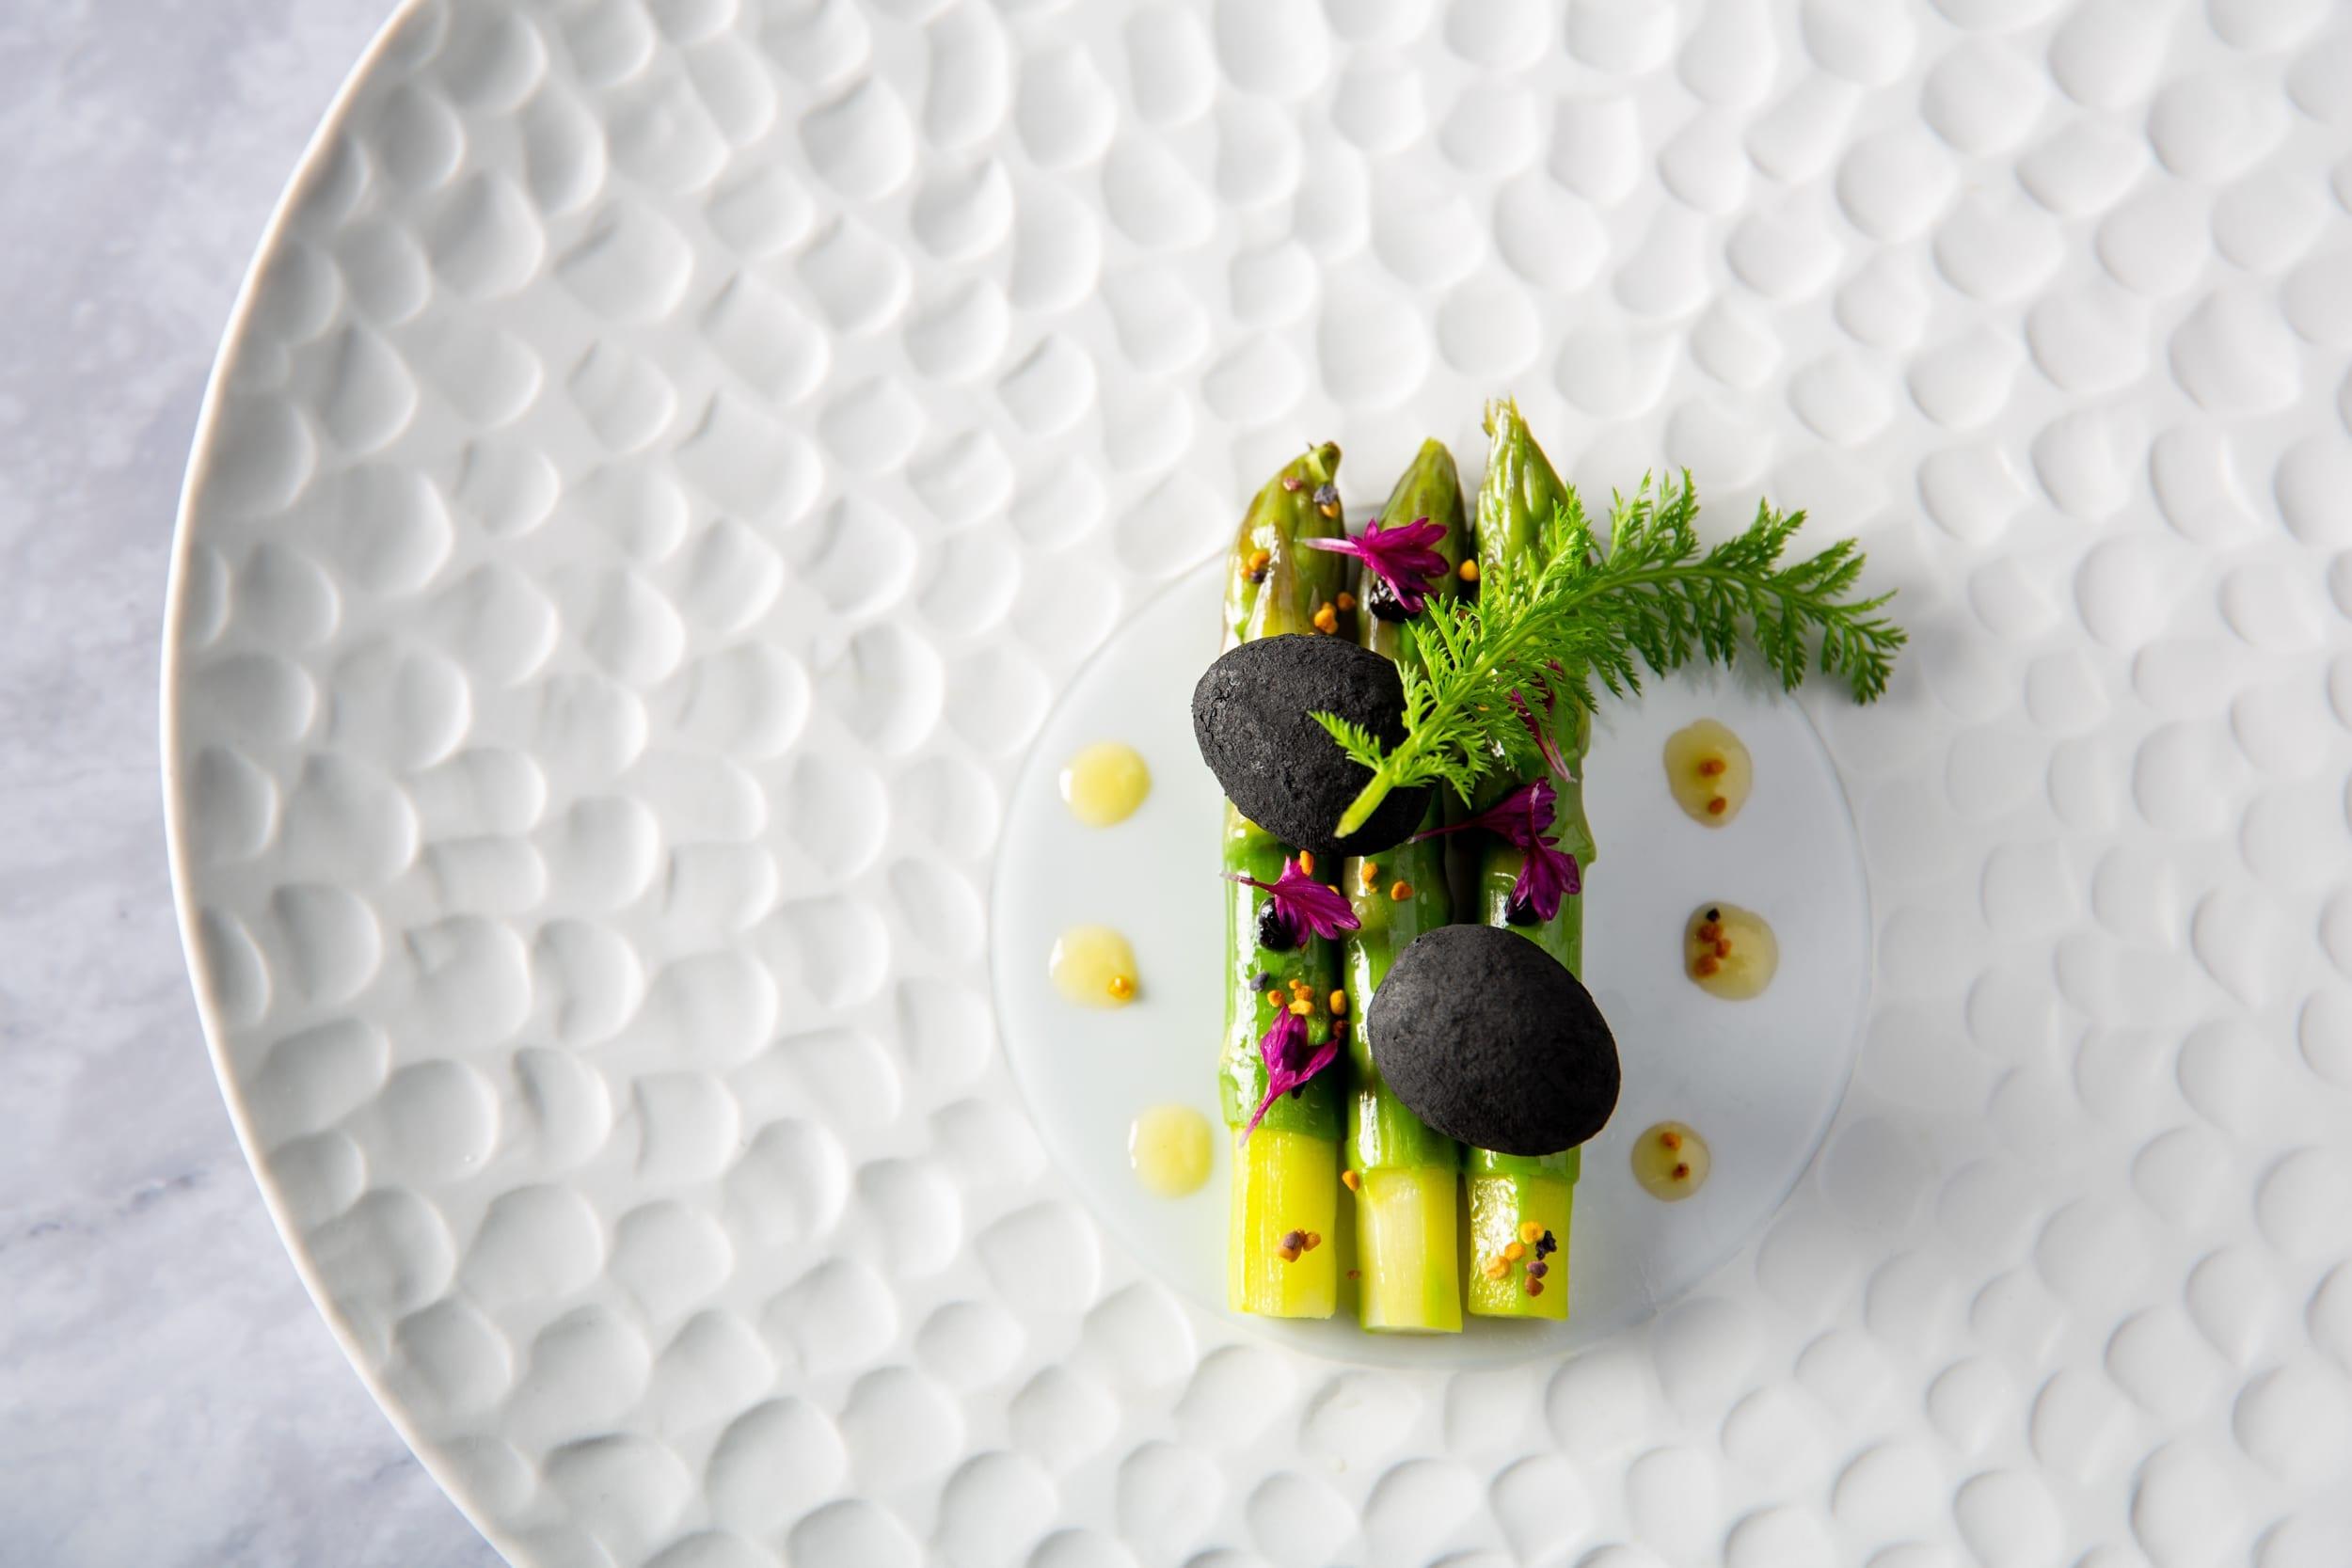 asperges et œufs de caille au restaurant gastronomique La Tour a Espalion